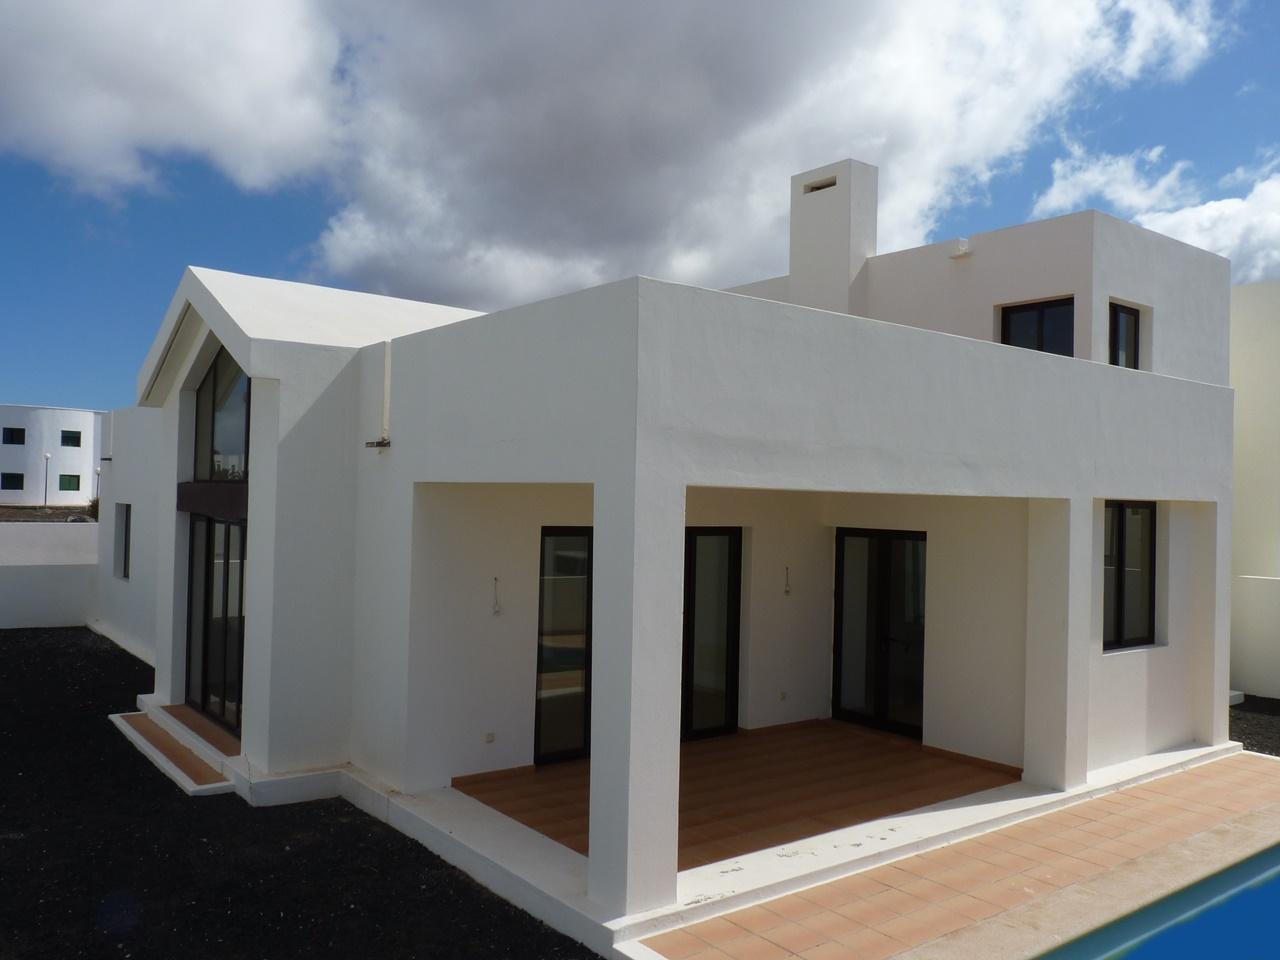 3fdffc9236db5 En venta  Moderno Chalet con vista al mar en Playa Blanca! Precio  349.000 €